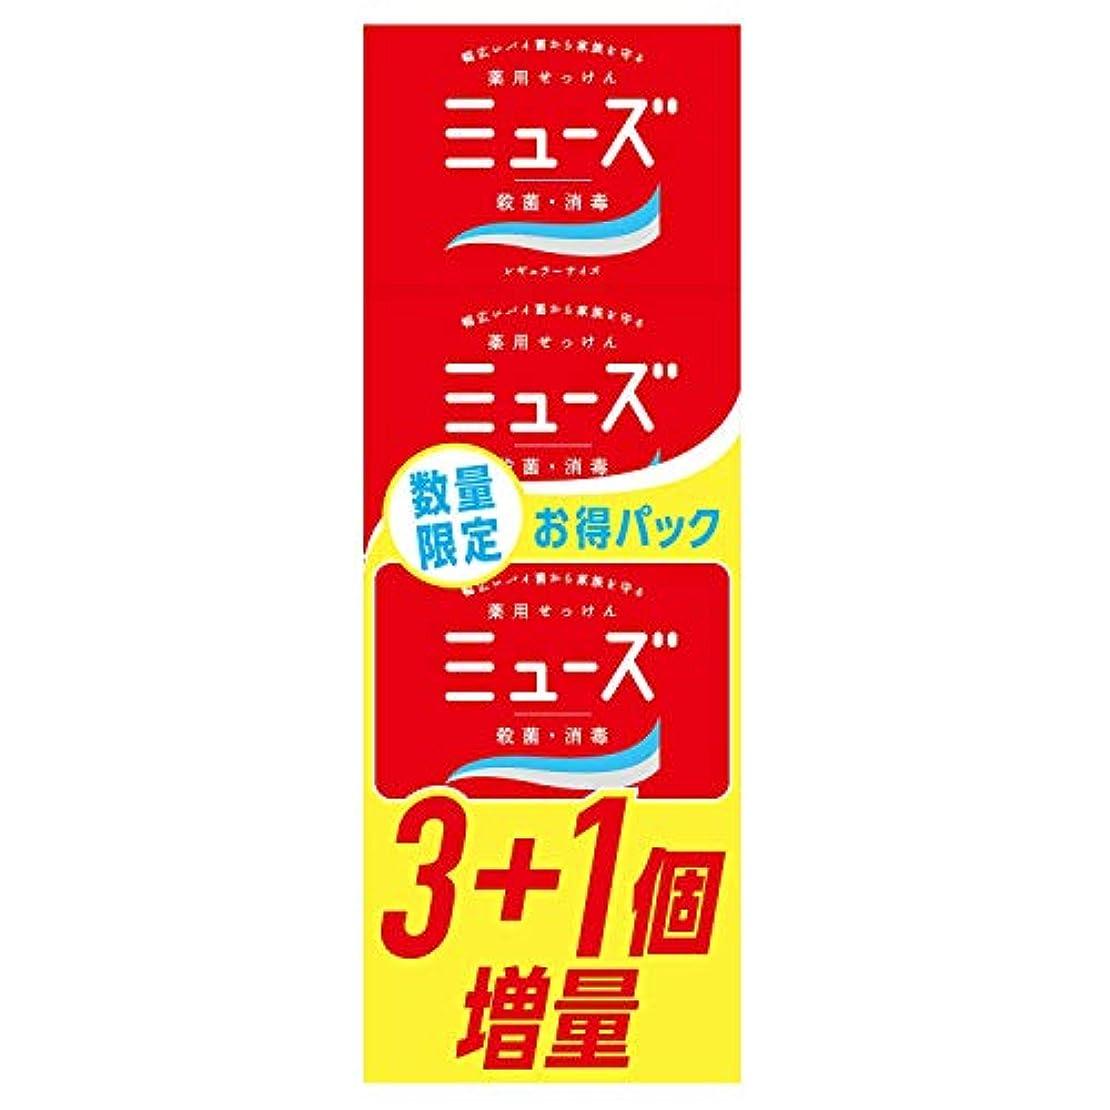 把握ヘロイン見捨てる【医薬部外品】ミューズ石鹸レギュラー 3+1限定品